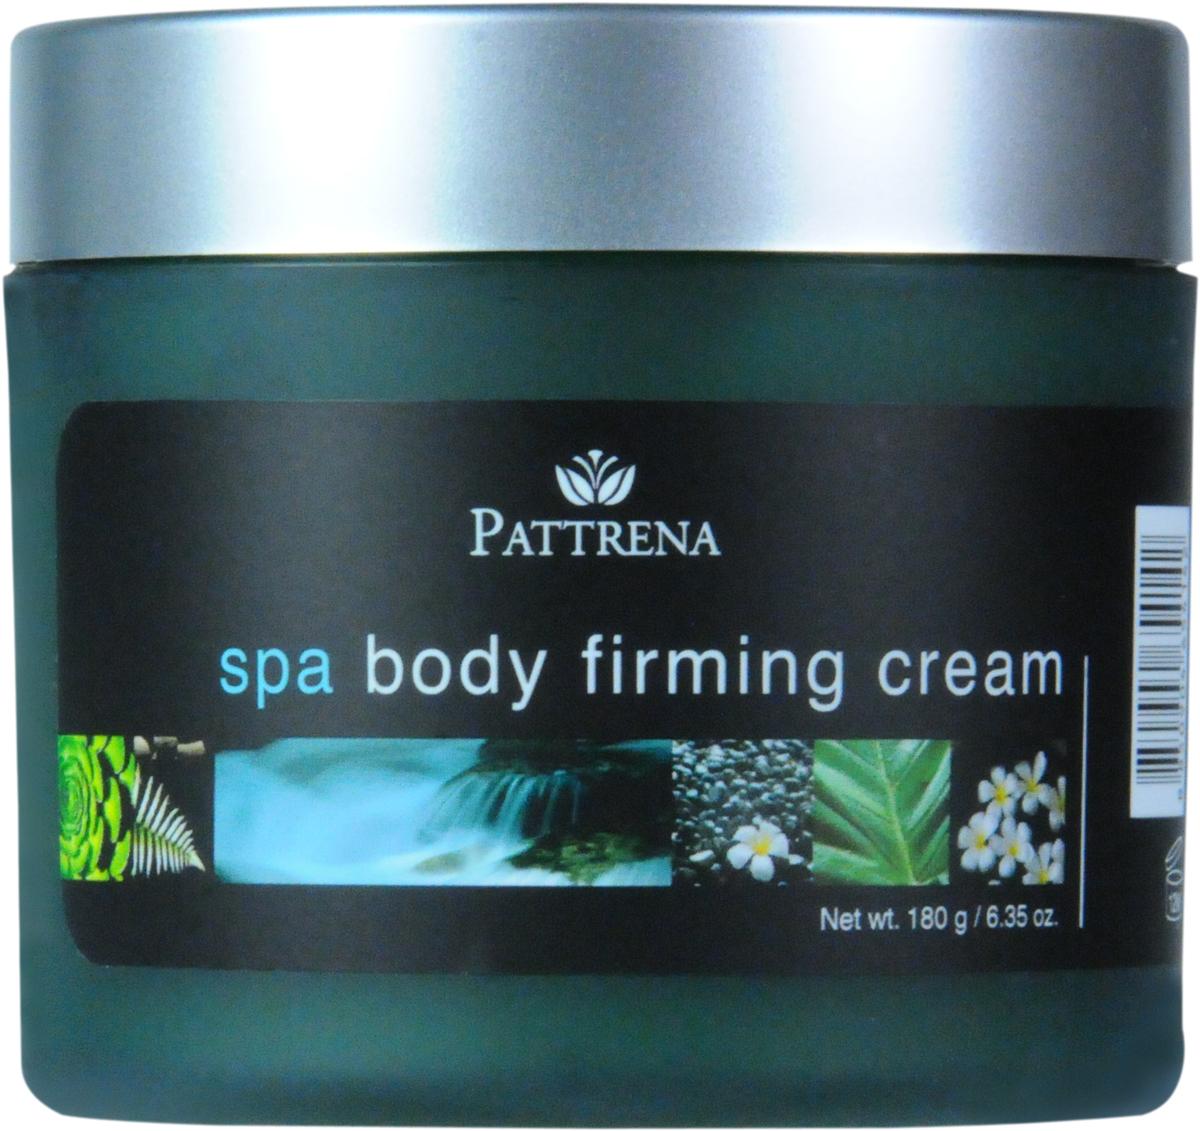 Pattrena Крем для упругости кожи тела Паттрена Спа Firming, 180 гFS-54100Нежный, легкий крем, обогащенный экстрактом центеллы и пуэрарии, восстанавливающий эластичность кожи, придавая ей мягкость и гладкость.Обогащенный витамином Е и увлажняющими компонентами он увлажняет кожу, наполняя ее здоровьем, оставляя на коже ощущение свежести,обновления и восстановления.